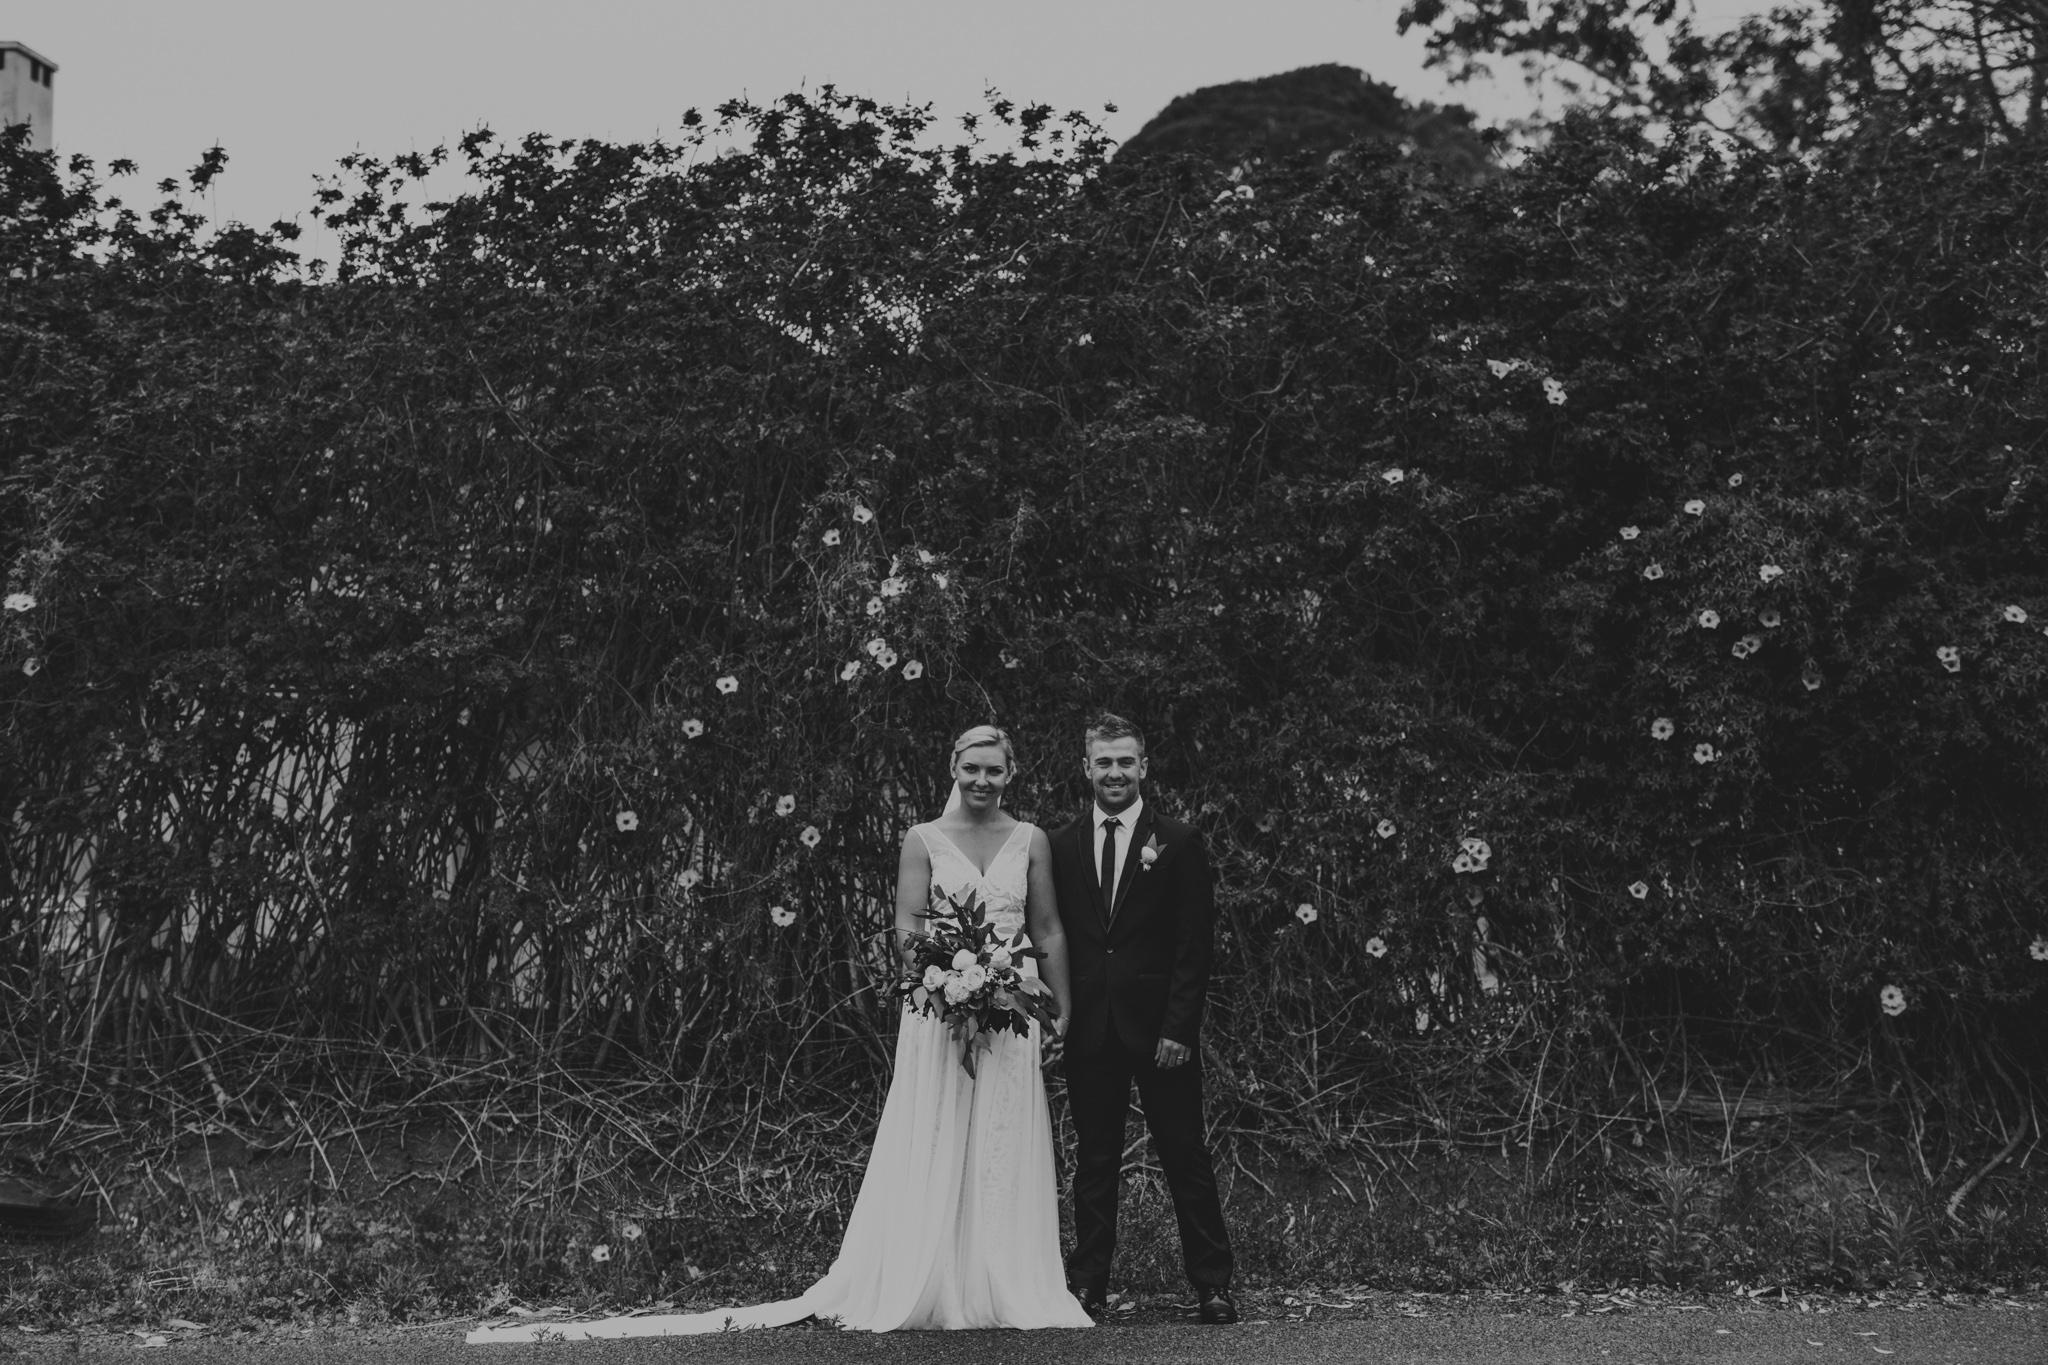 Lucy+Kyle+Kiama+Sebel+wedding-106.jpg